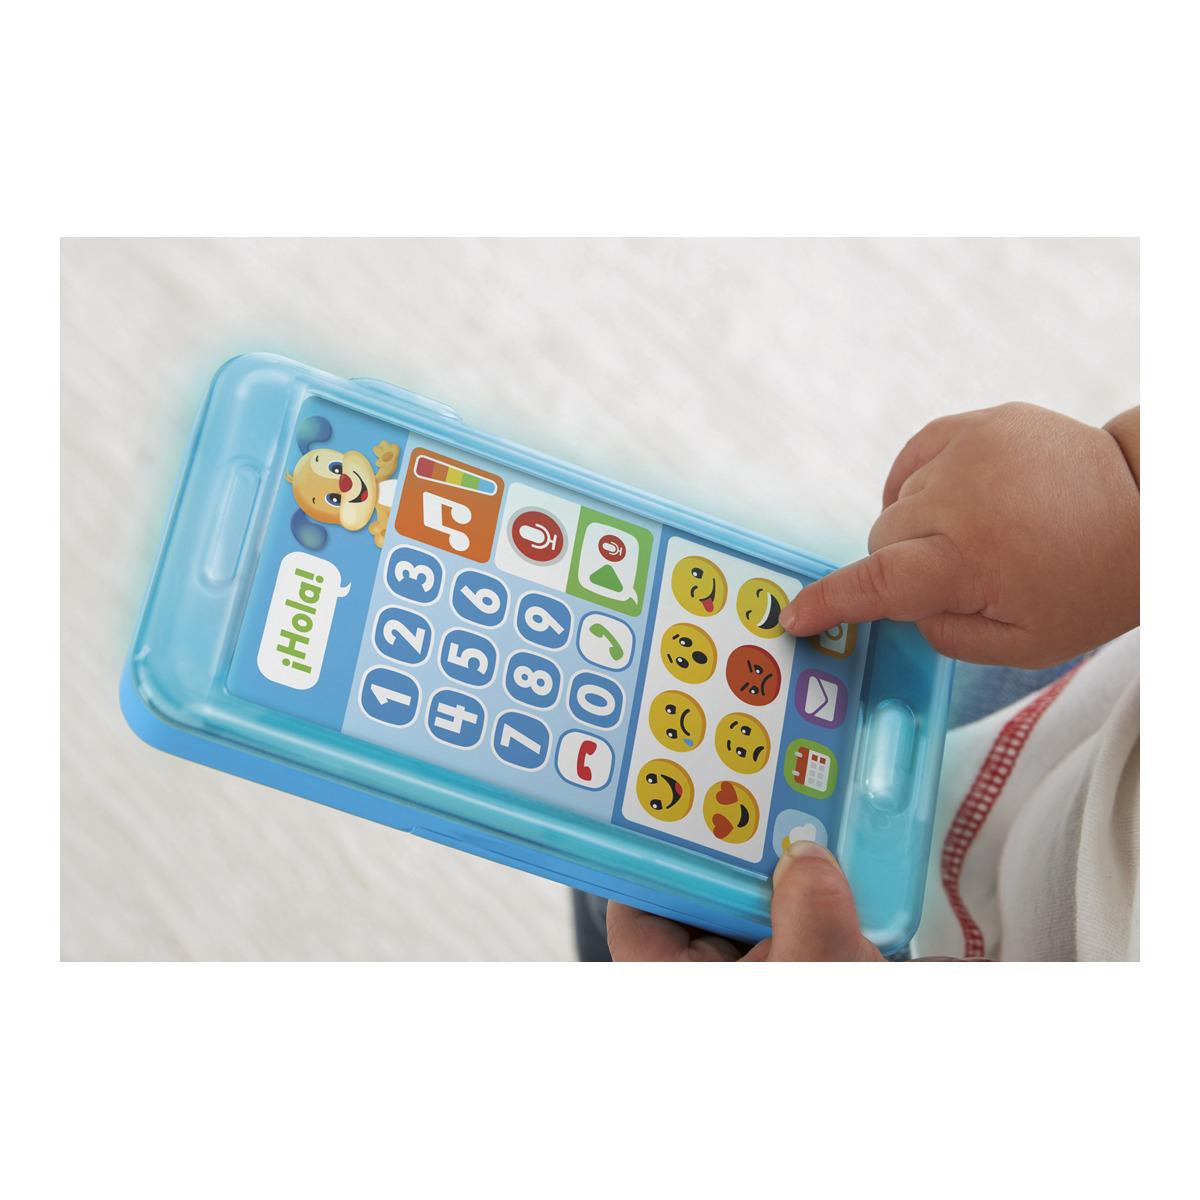 TELEFONO APRENDE CON PER.FPR17